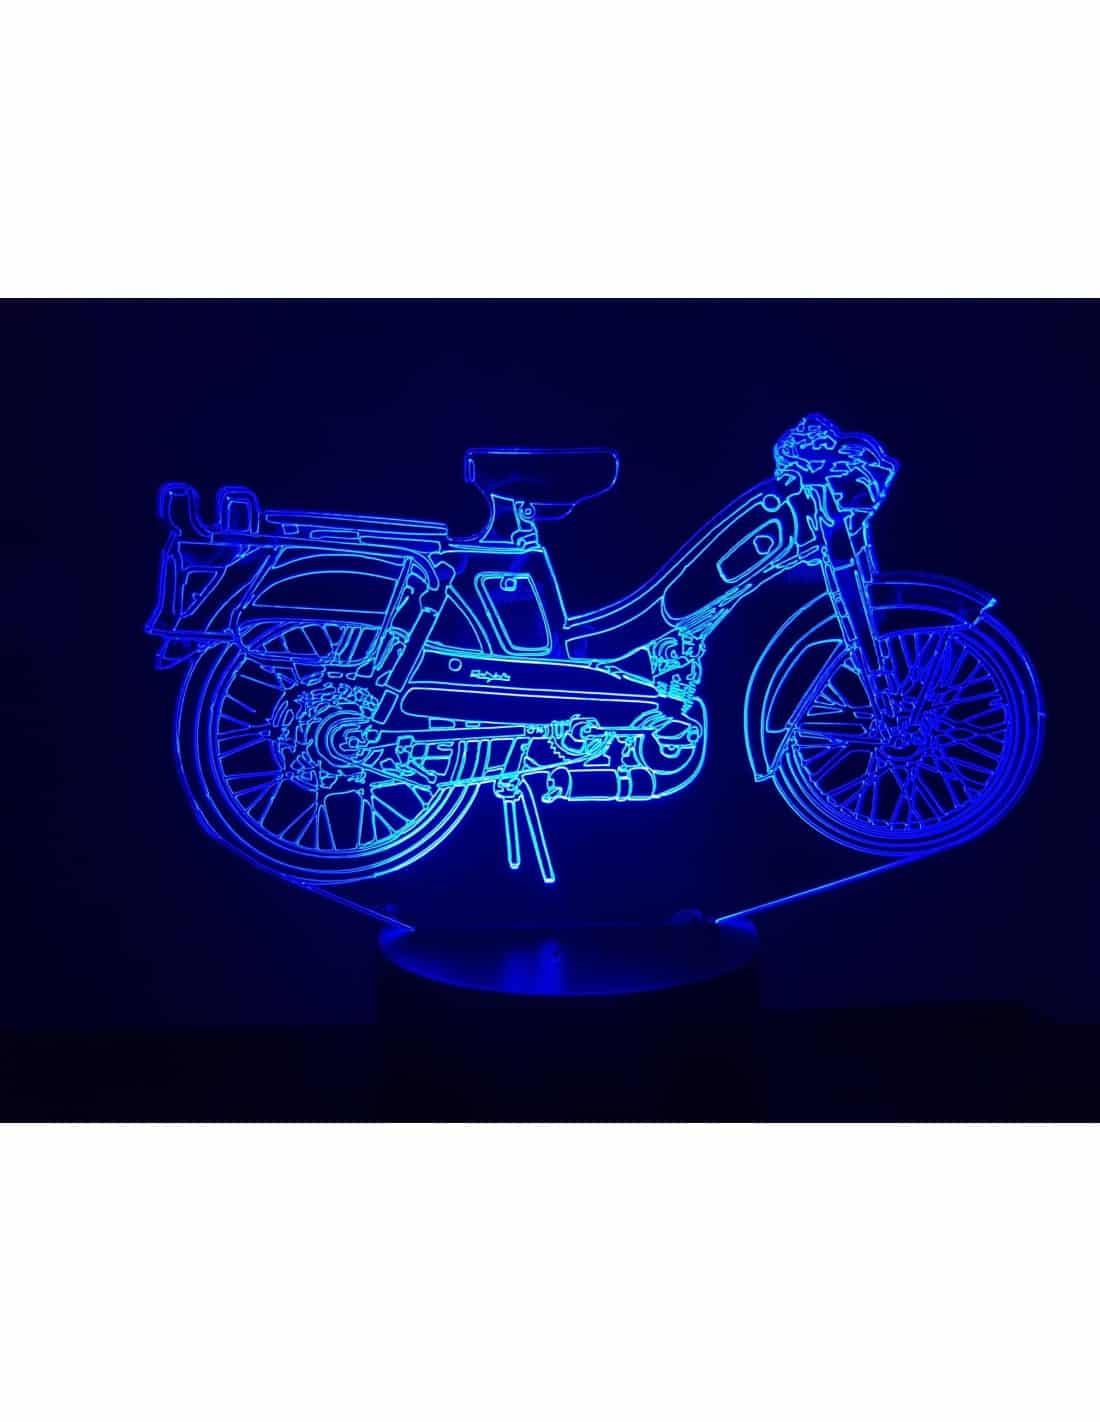 Motobecane Bleue 3D Illusion Led Lamp